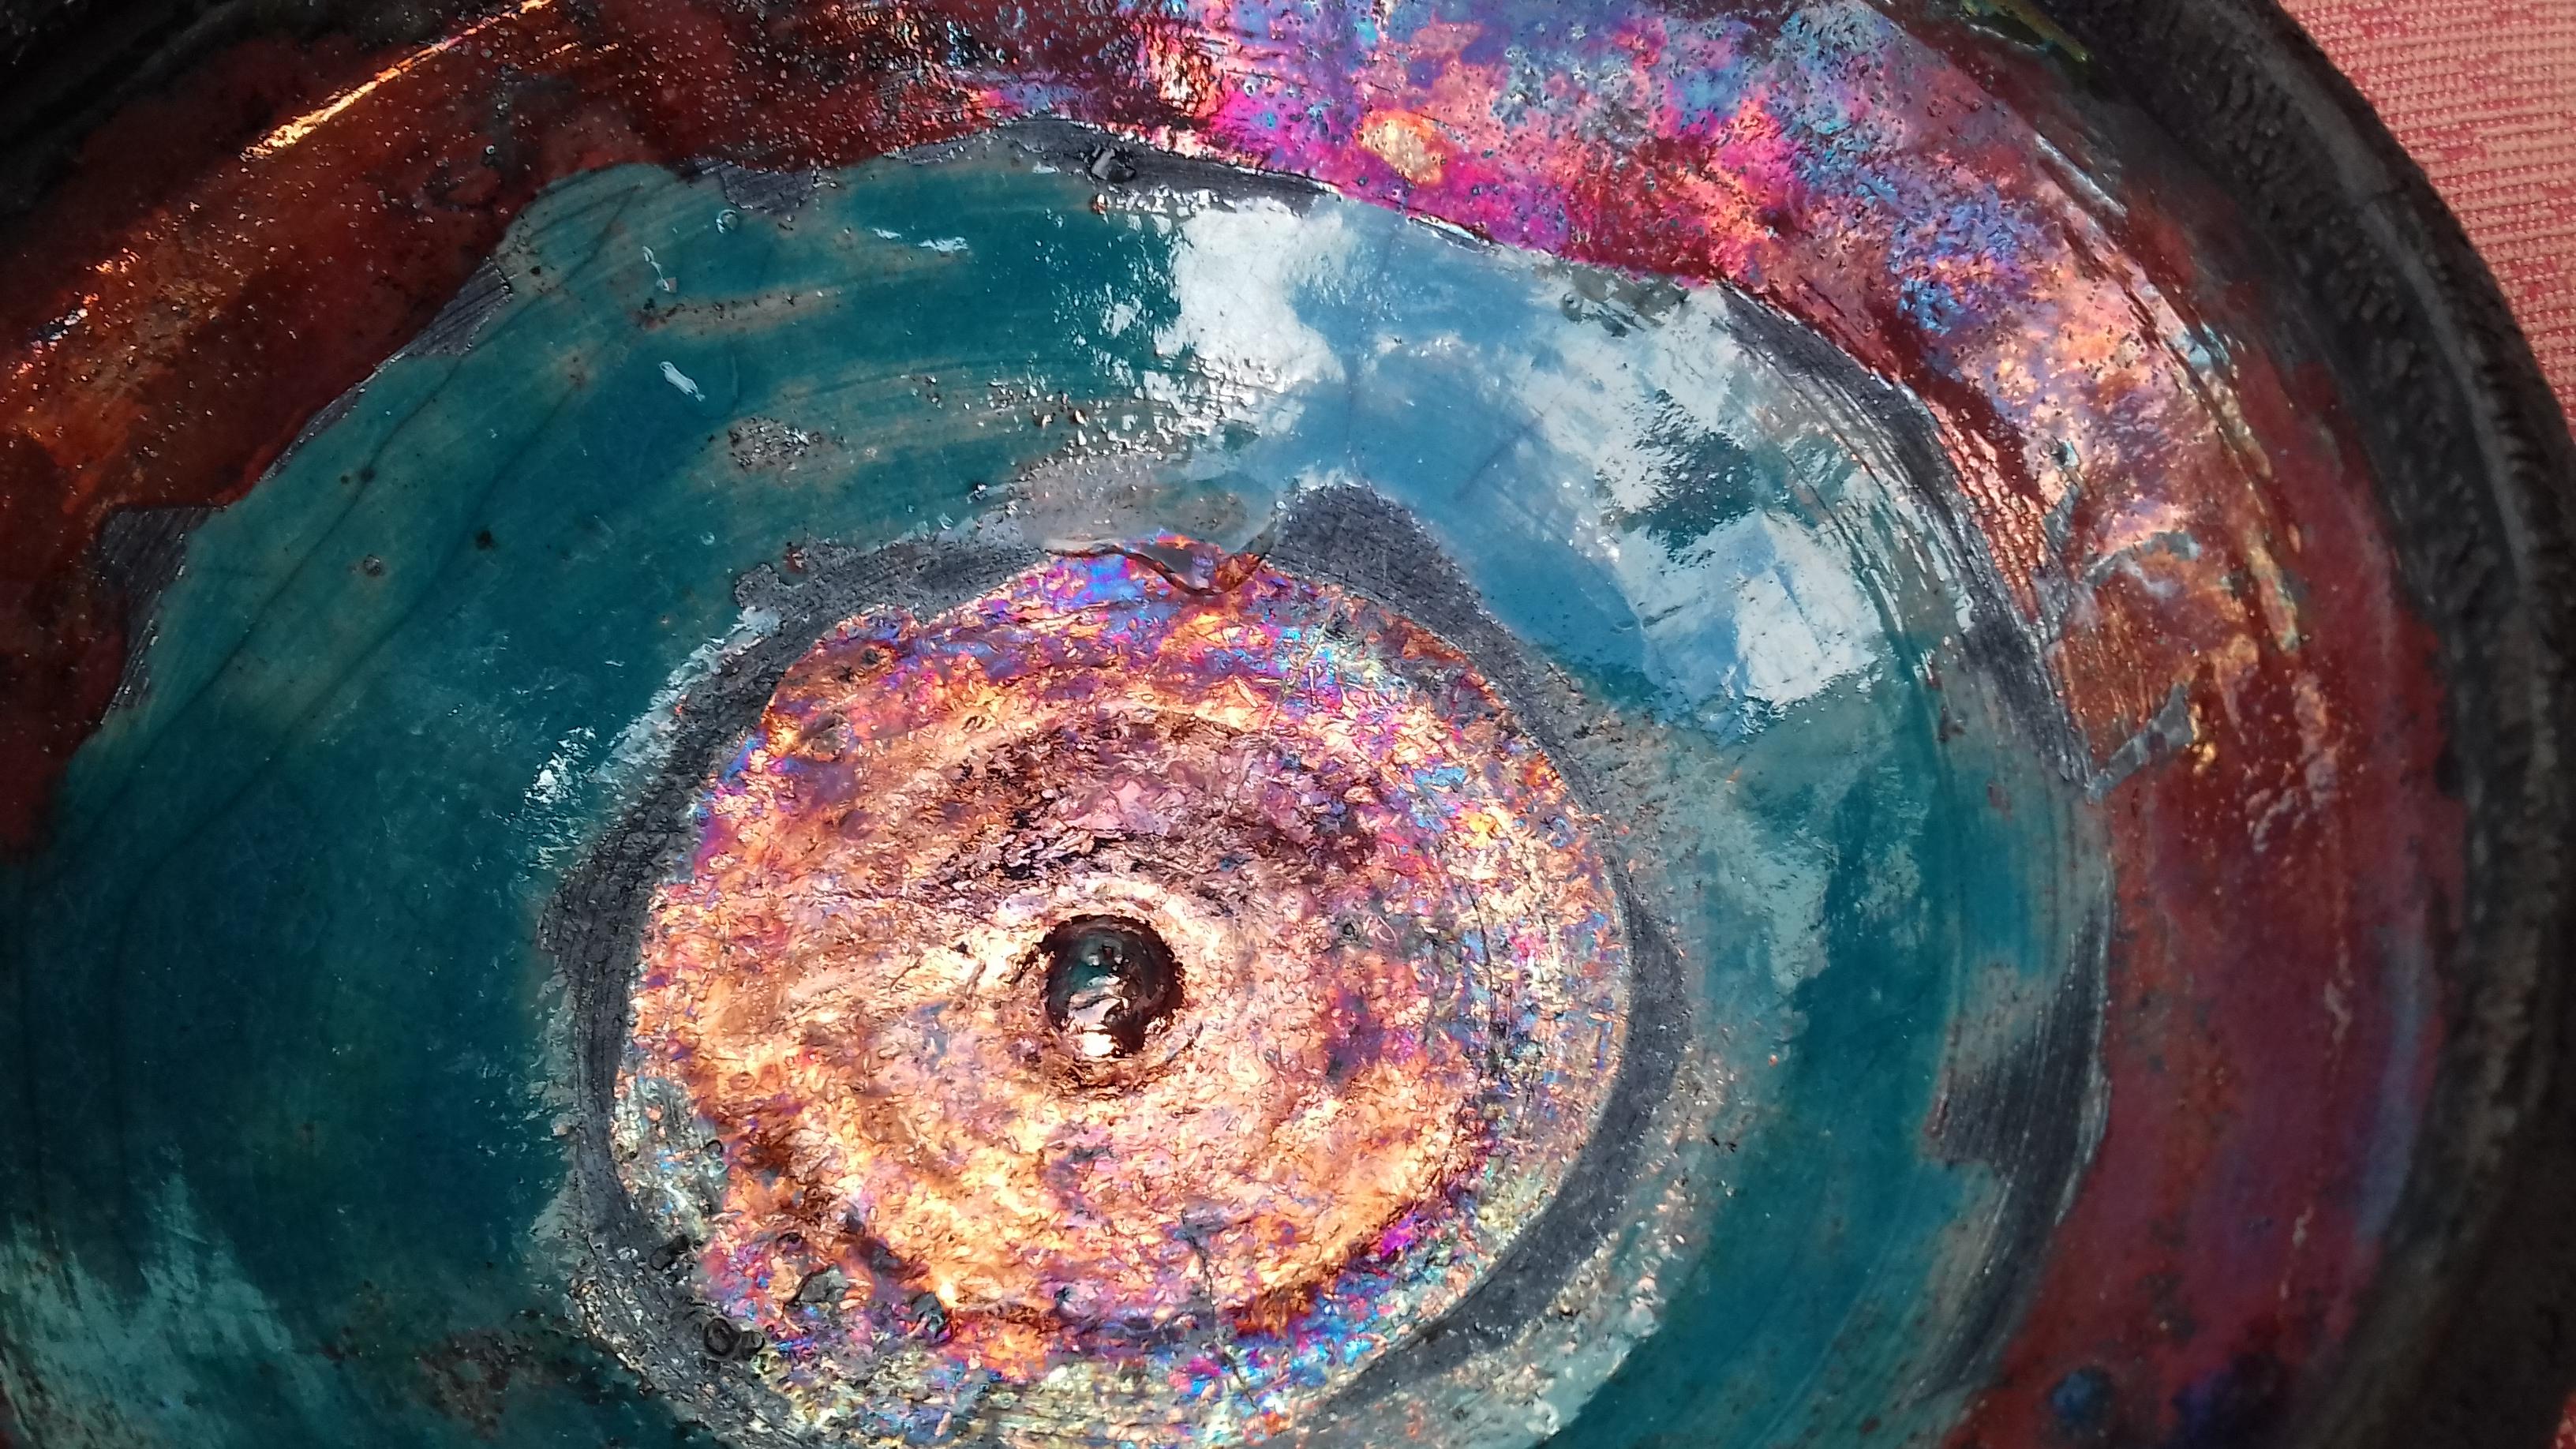 Raku-detail in a bowl